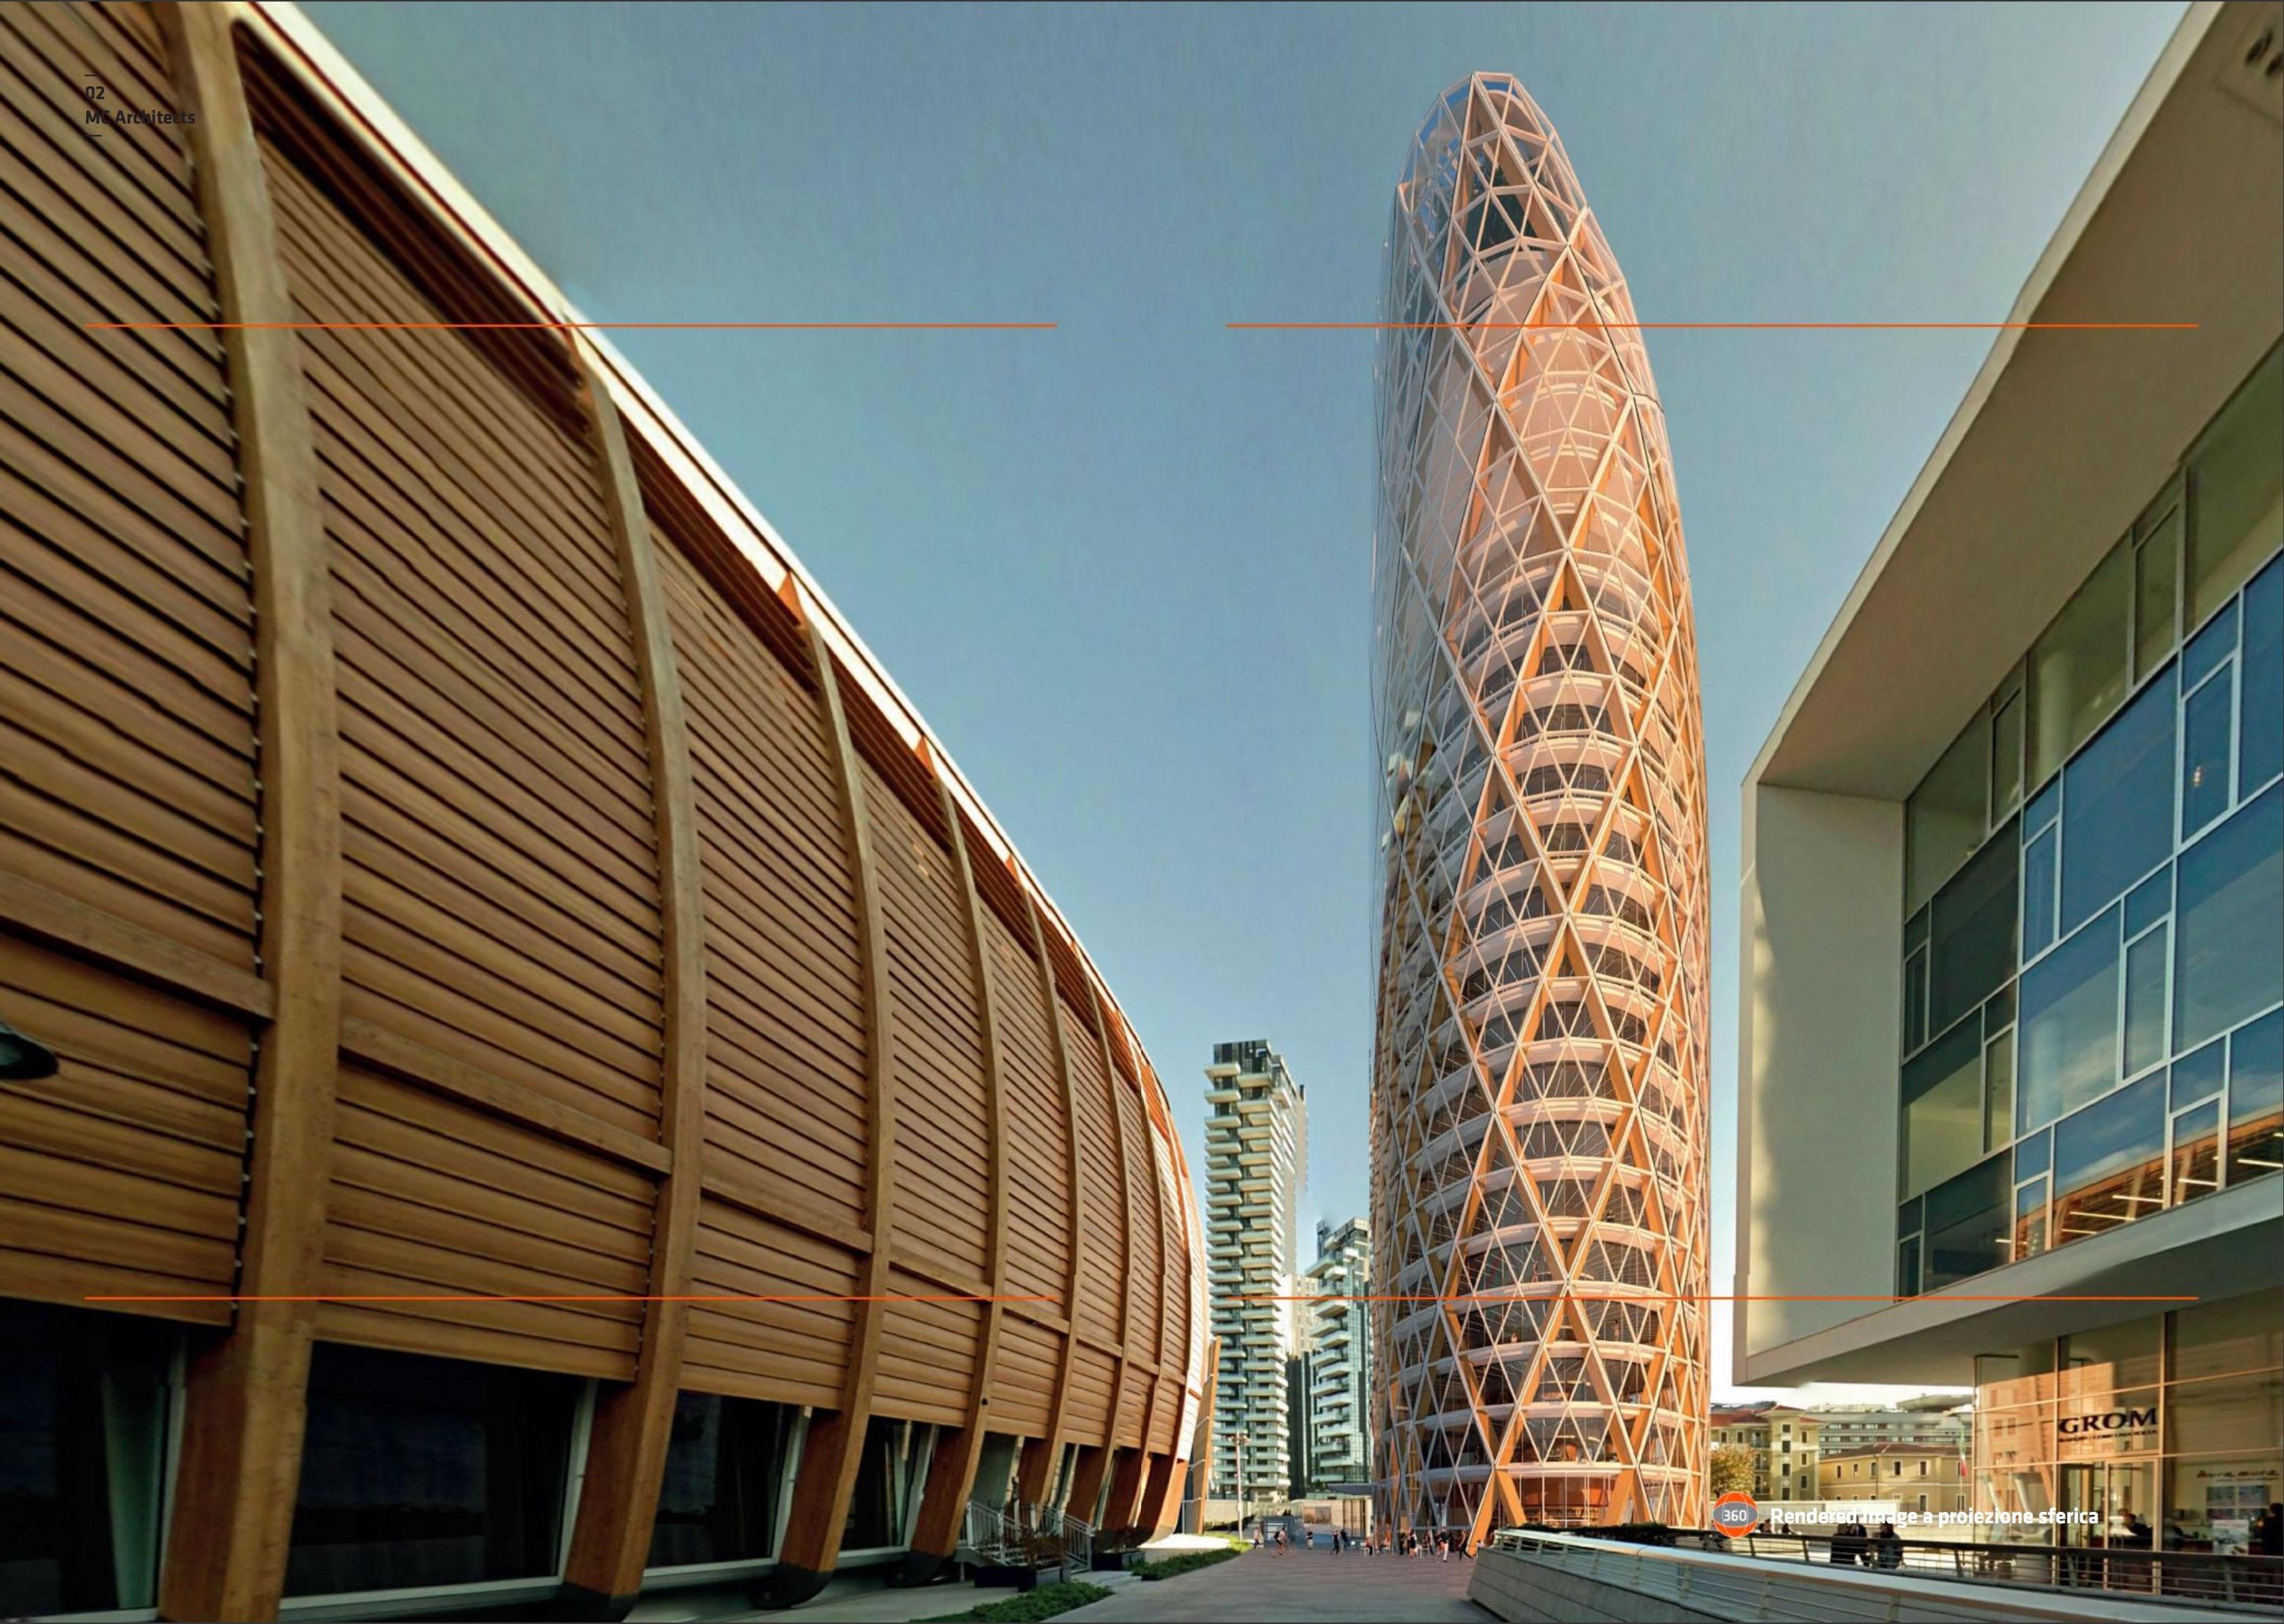 Milano porta nuova nuovi rendering della torre unipol for I nuovi grattacieli di milano